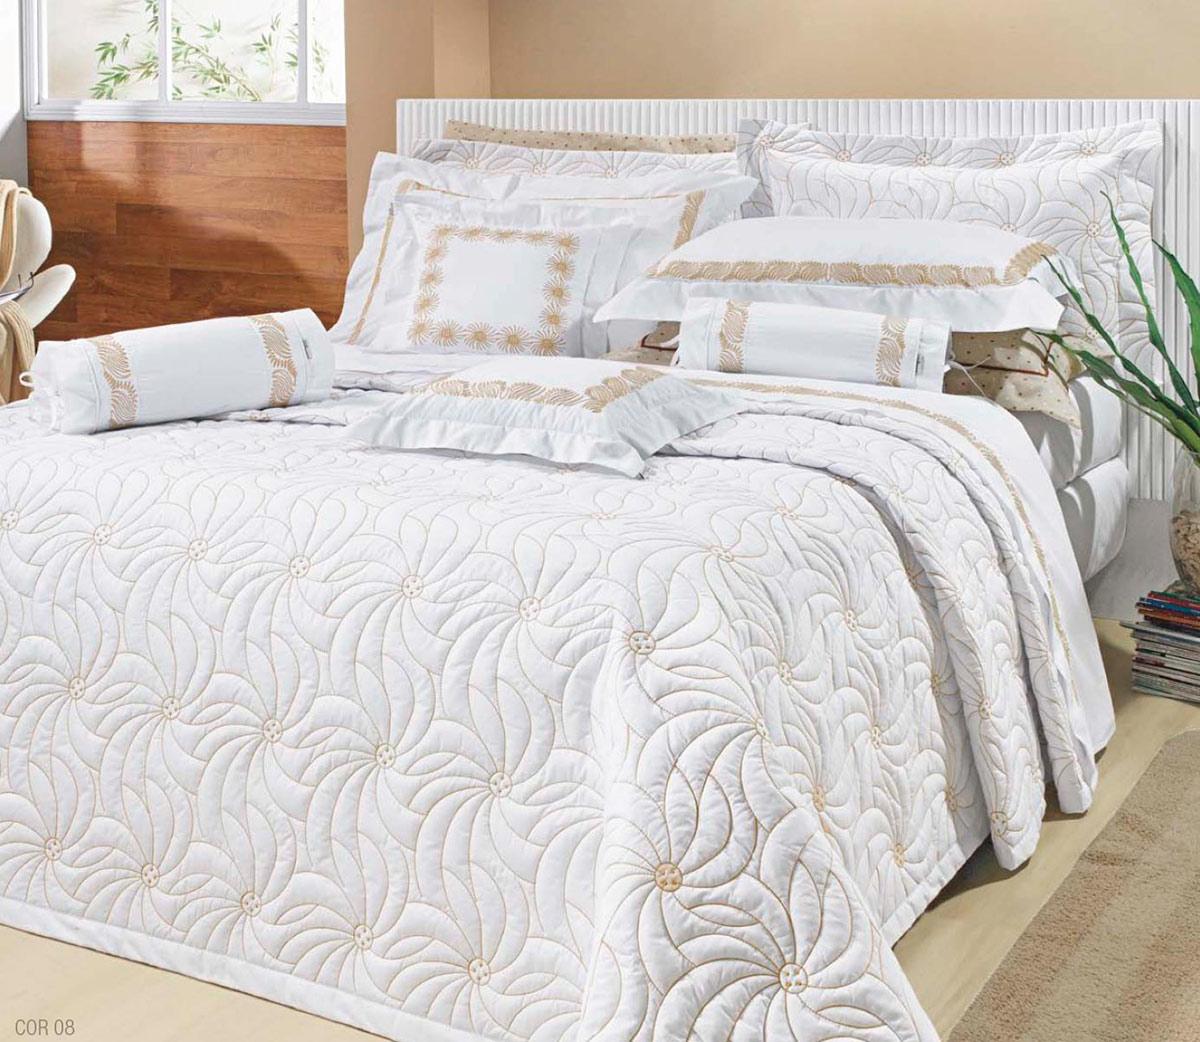 Colcha cobre leito cama super king size branco com palha for Sabanas para cama king size precios